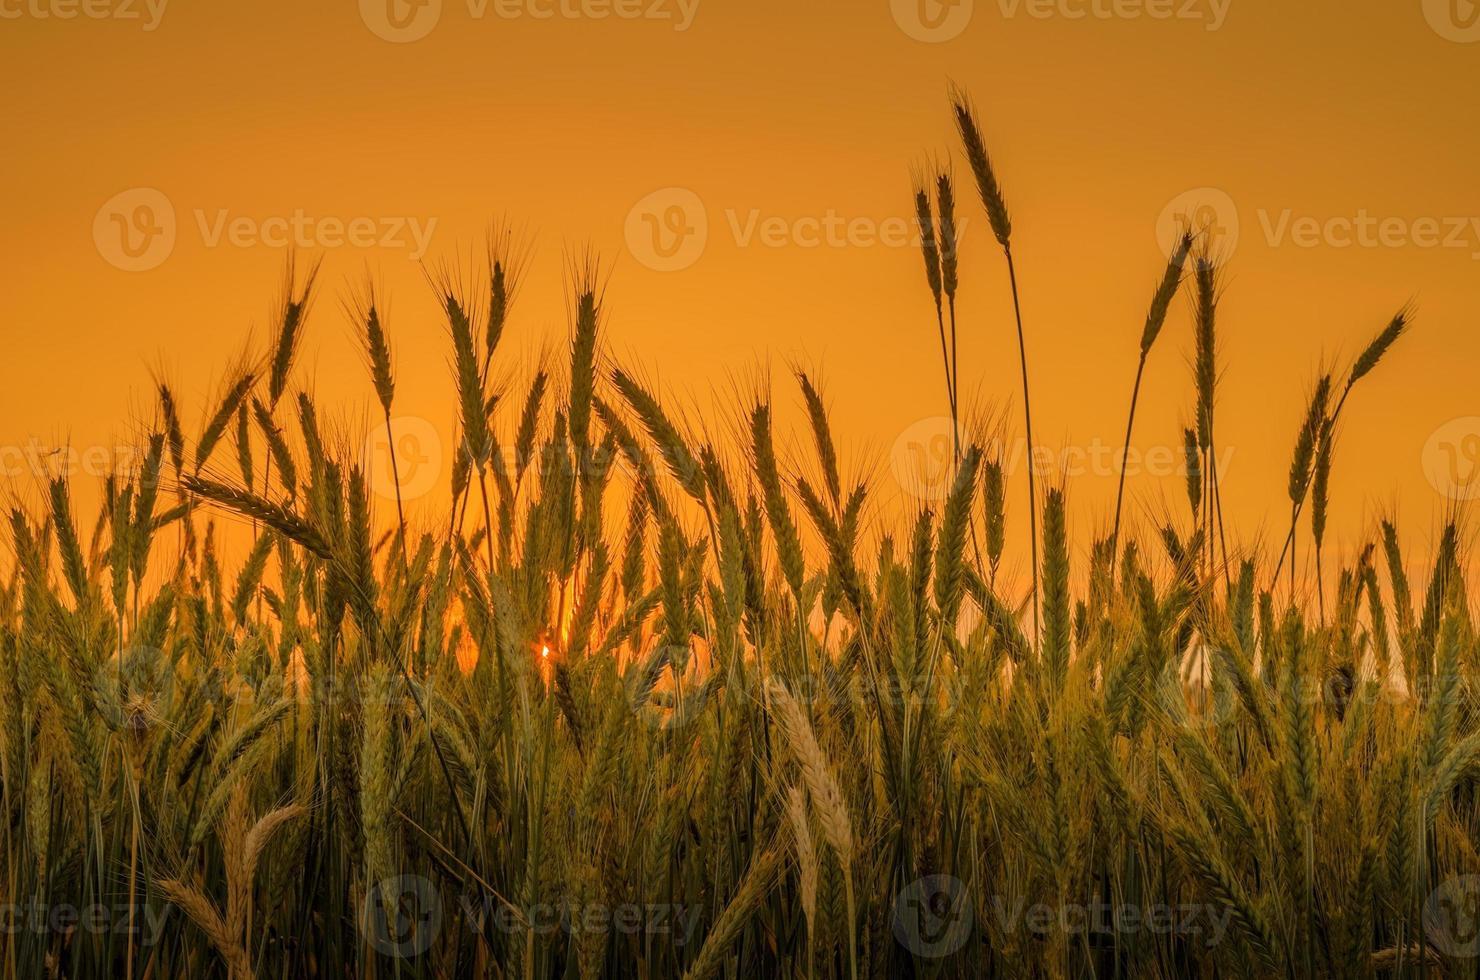 vete på orange himmelbakgrund foto